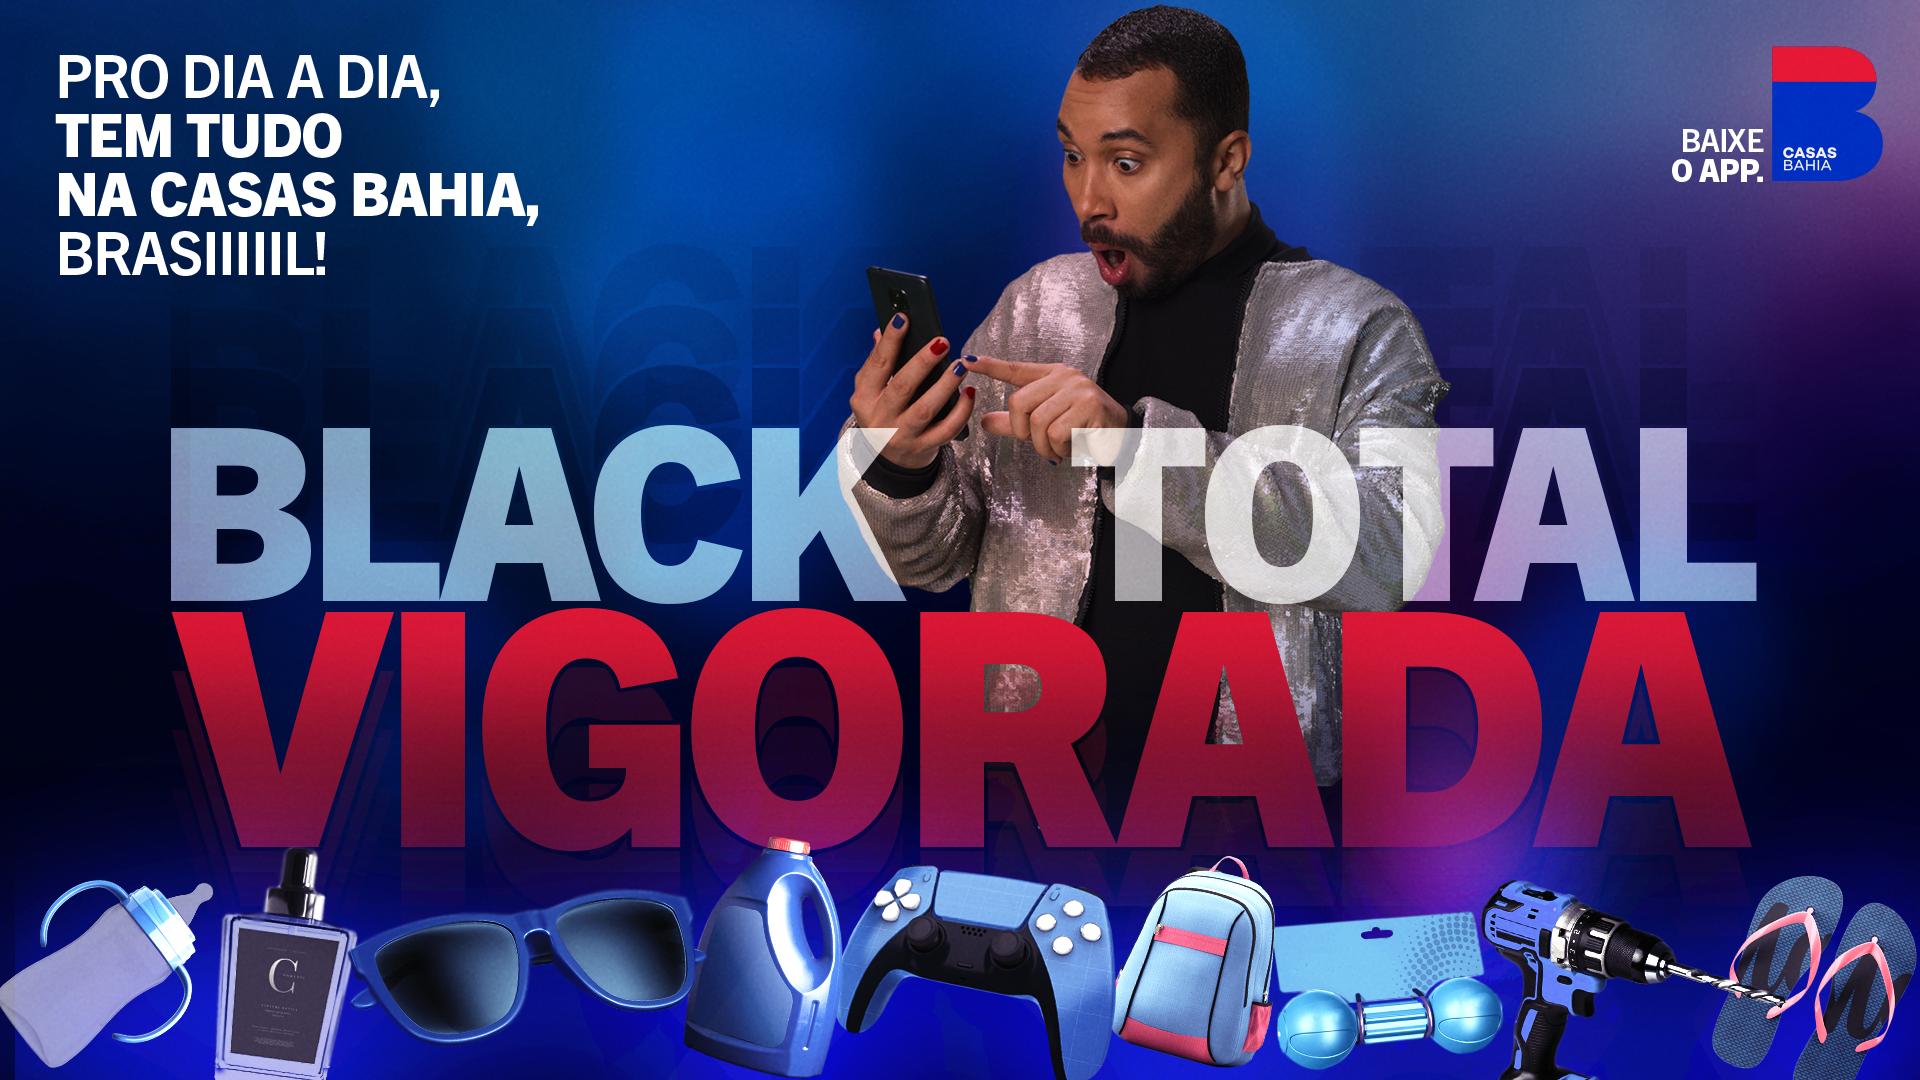 Black Total Vigorada da Casas Bahia além de contar com o ex-BBB como garoto propaganda vai ser um show de ofertas exclusivas a partir de R $9,90